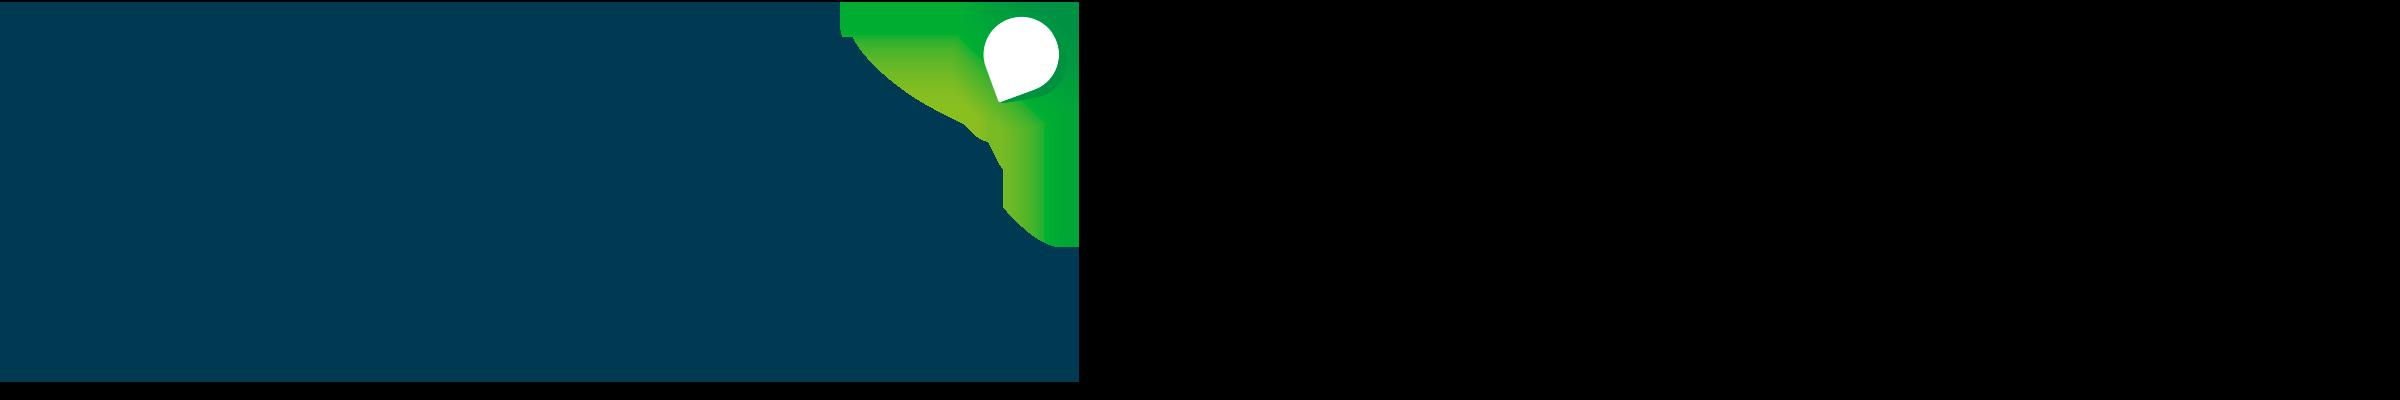 Reehorst-Milieu-2400×600